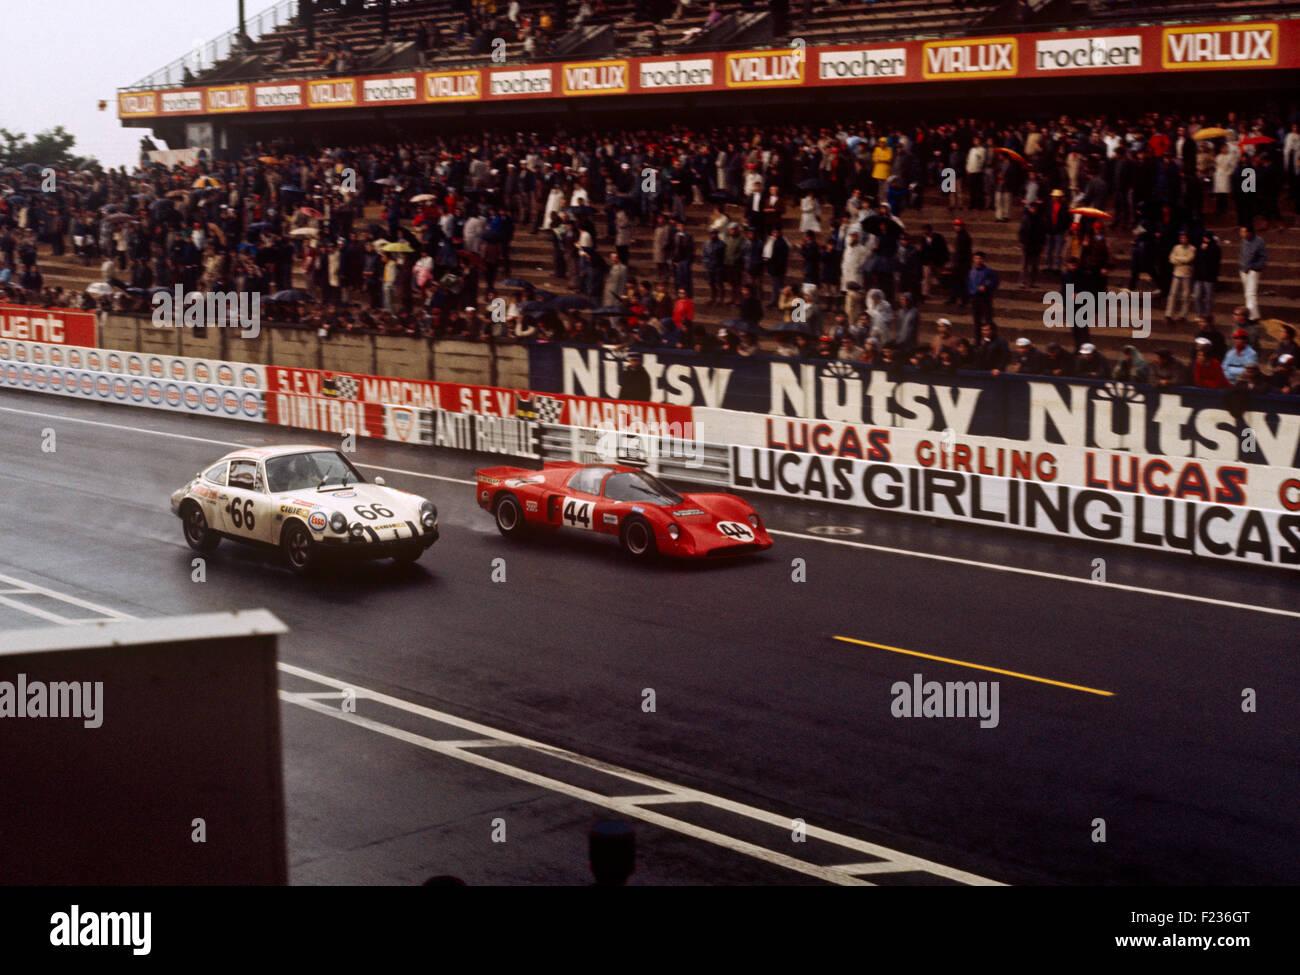 66 Claude Swietlik Jean-Claude Lagniez Porsche 911, 44 Clive Baker Digby Martland Chevron B16 BMW Le Mans 14 June - Stock Image